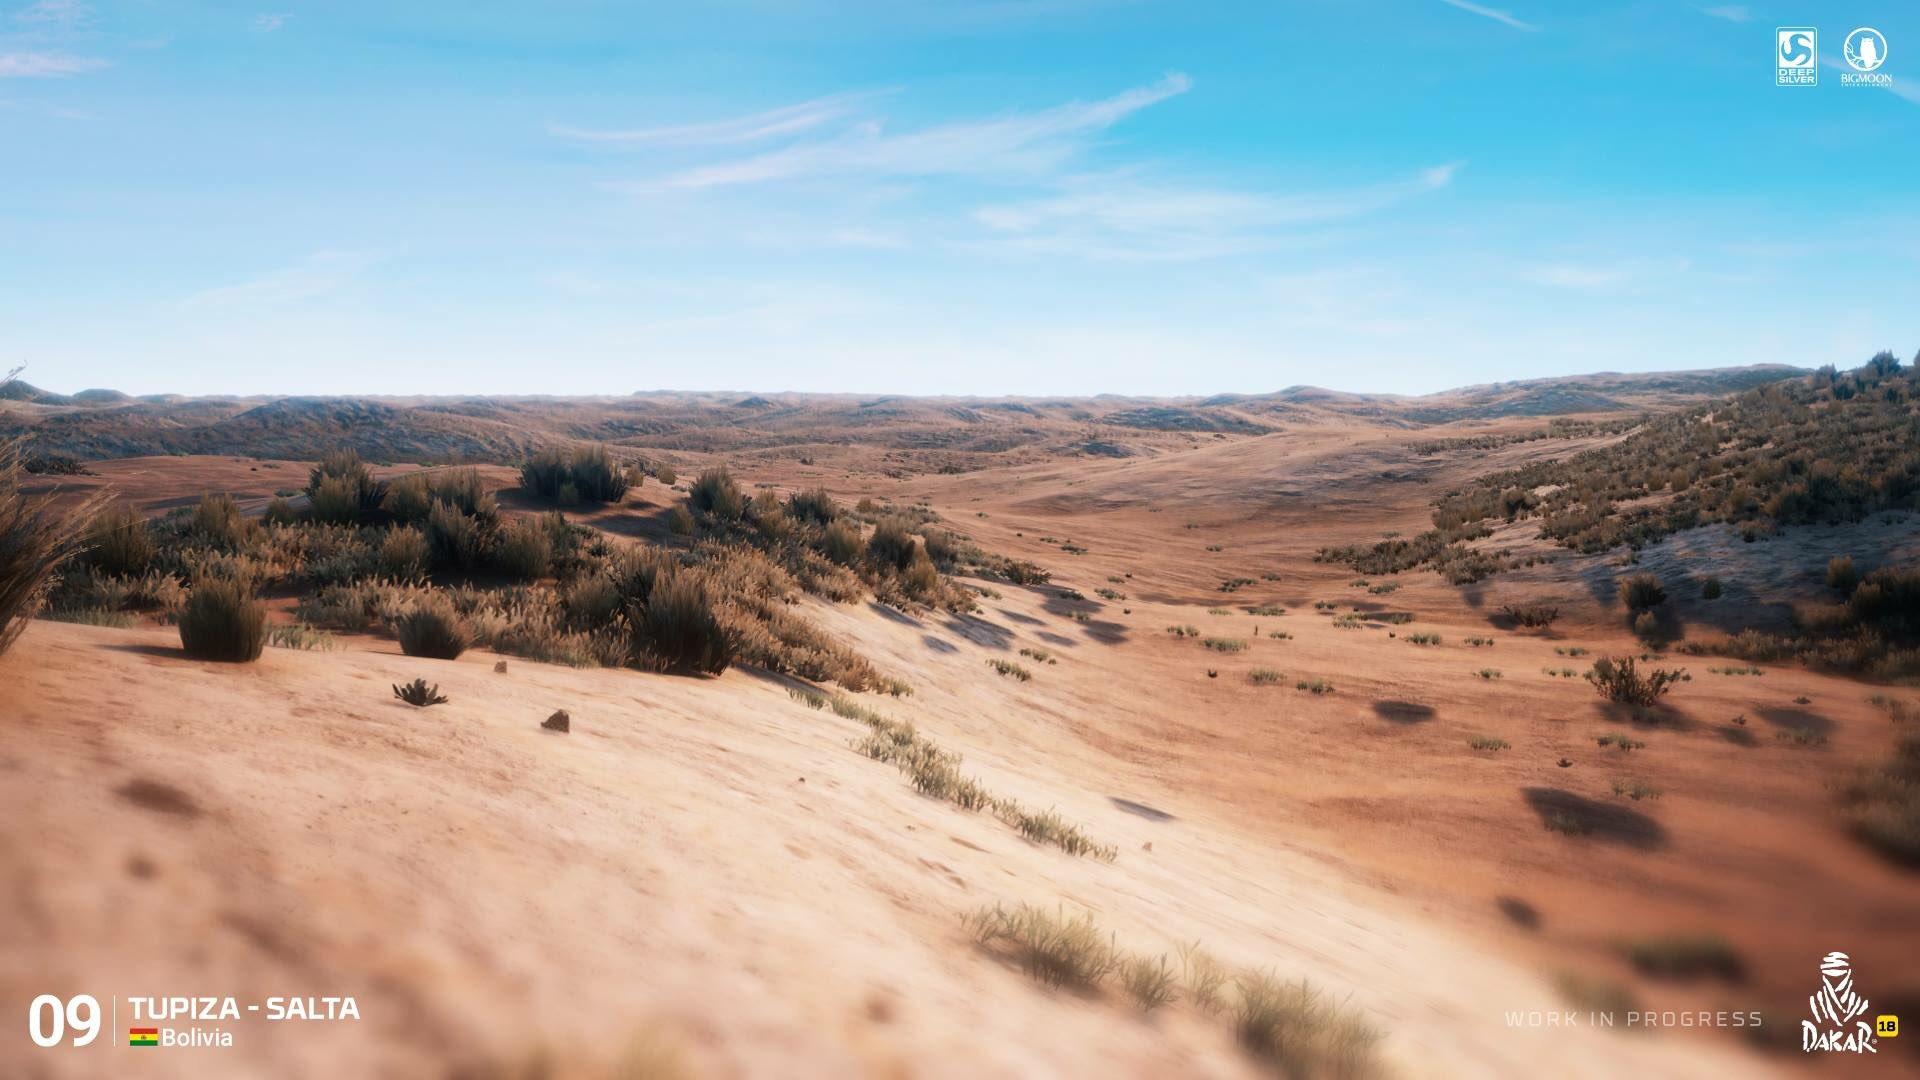 Dakar 18 environment preview 12